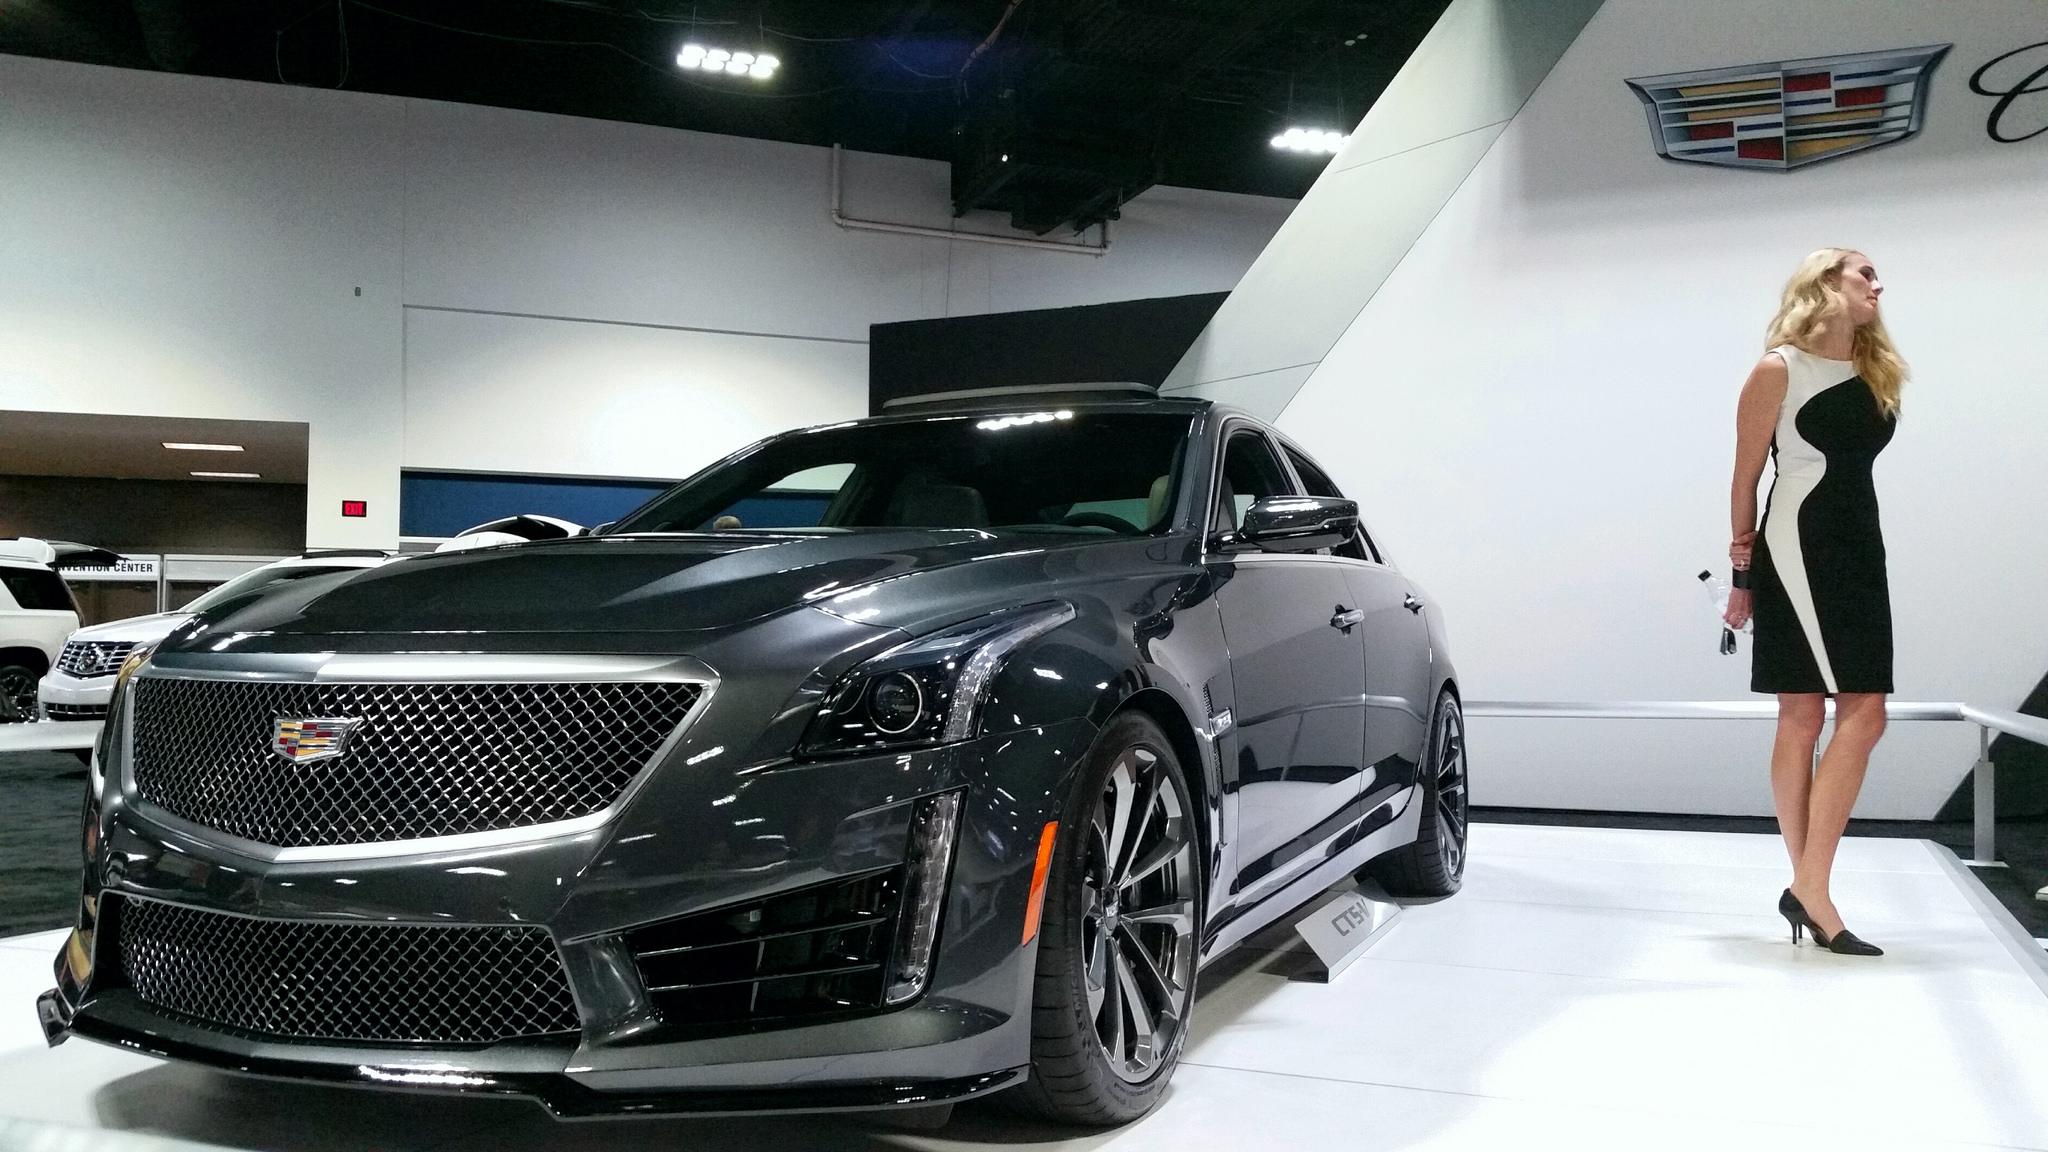 GMの運転支援システム